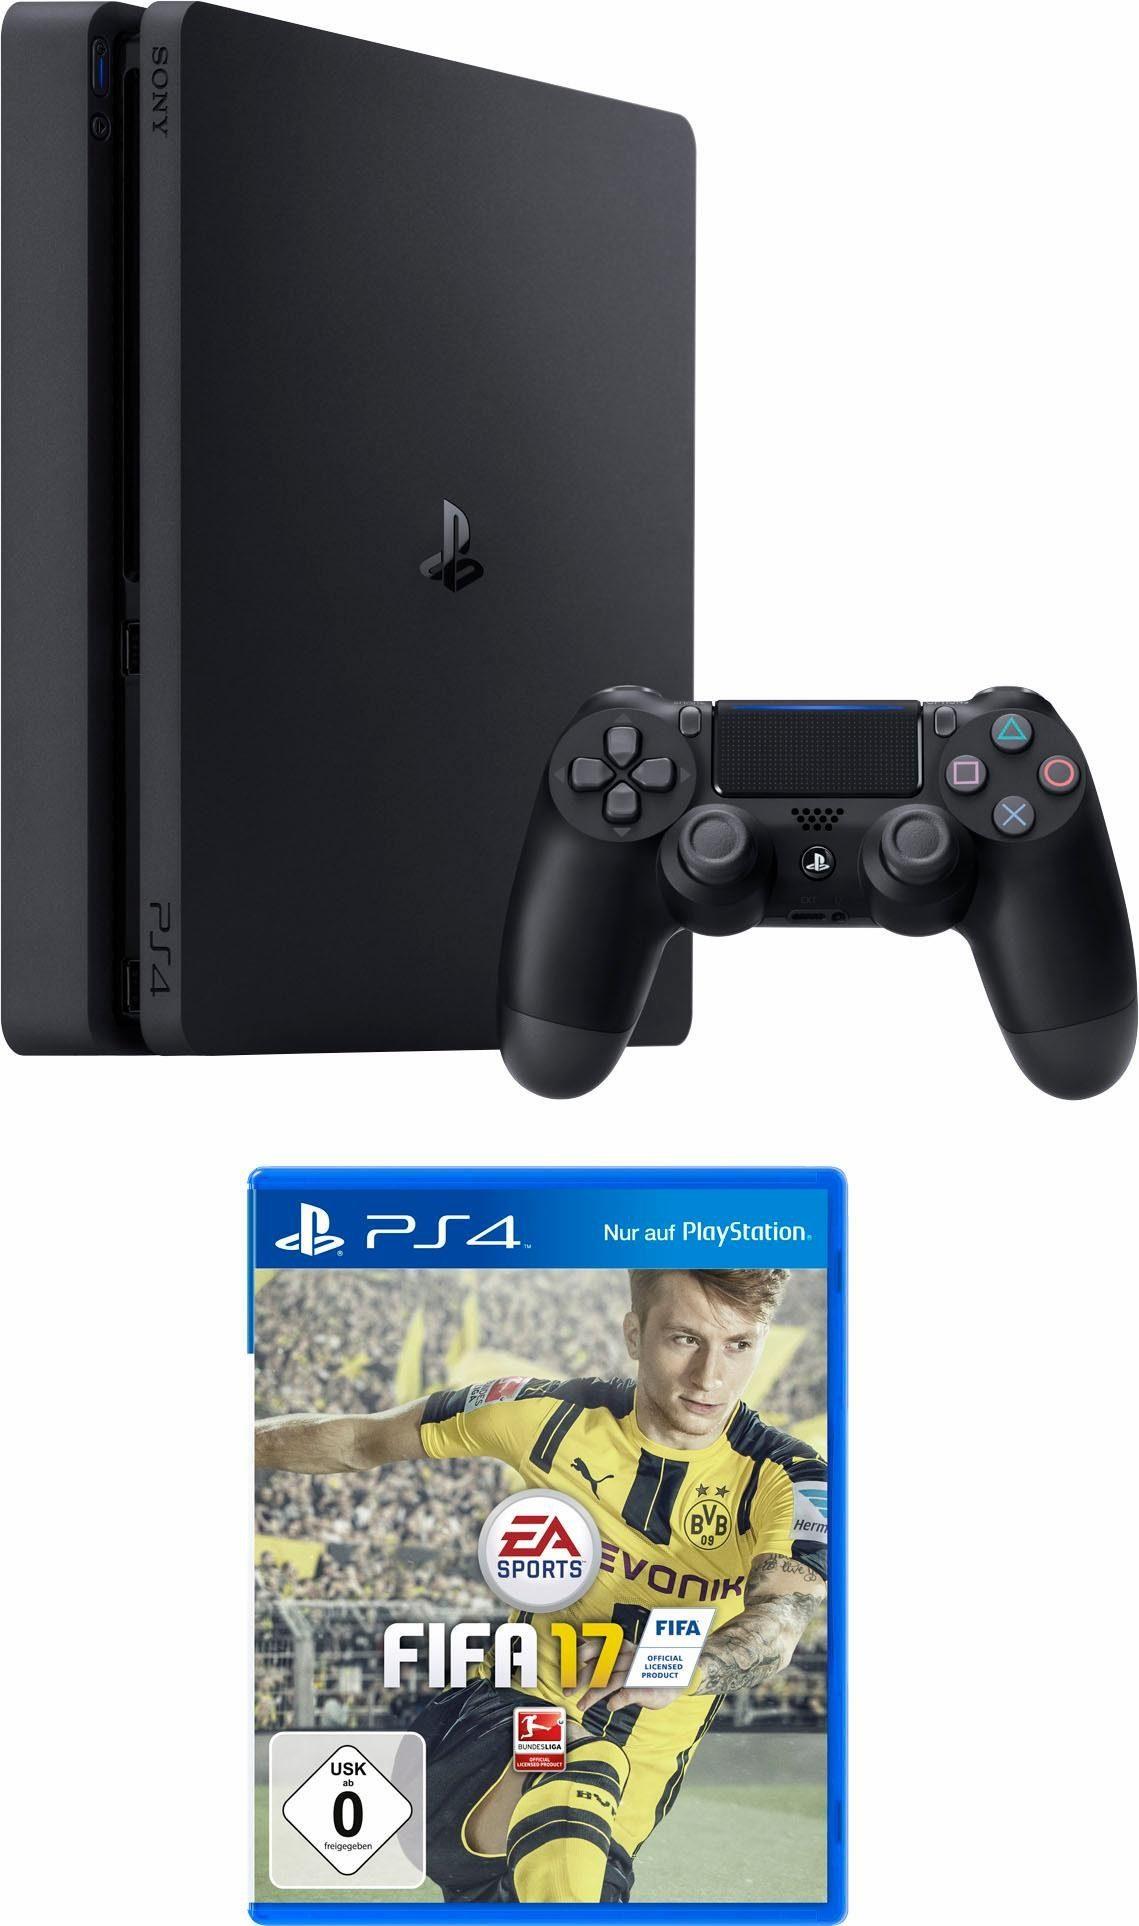 PlayStation 4 (PS4) 1TB + Fifa 17